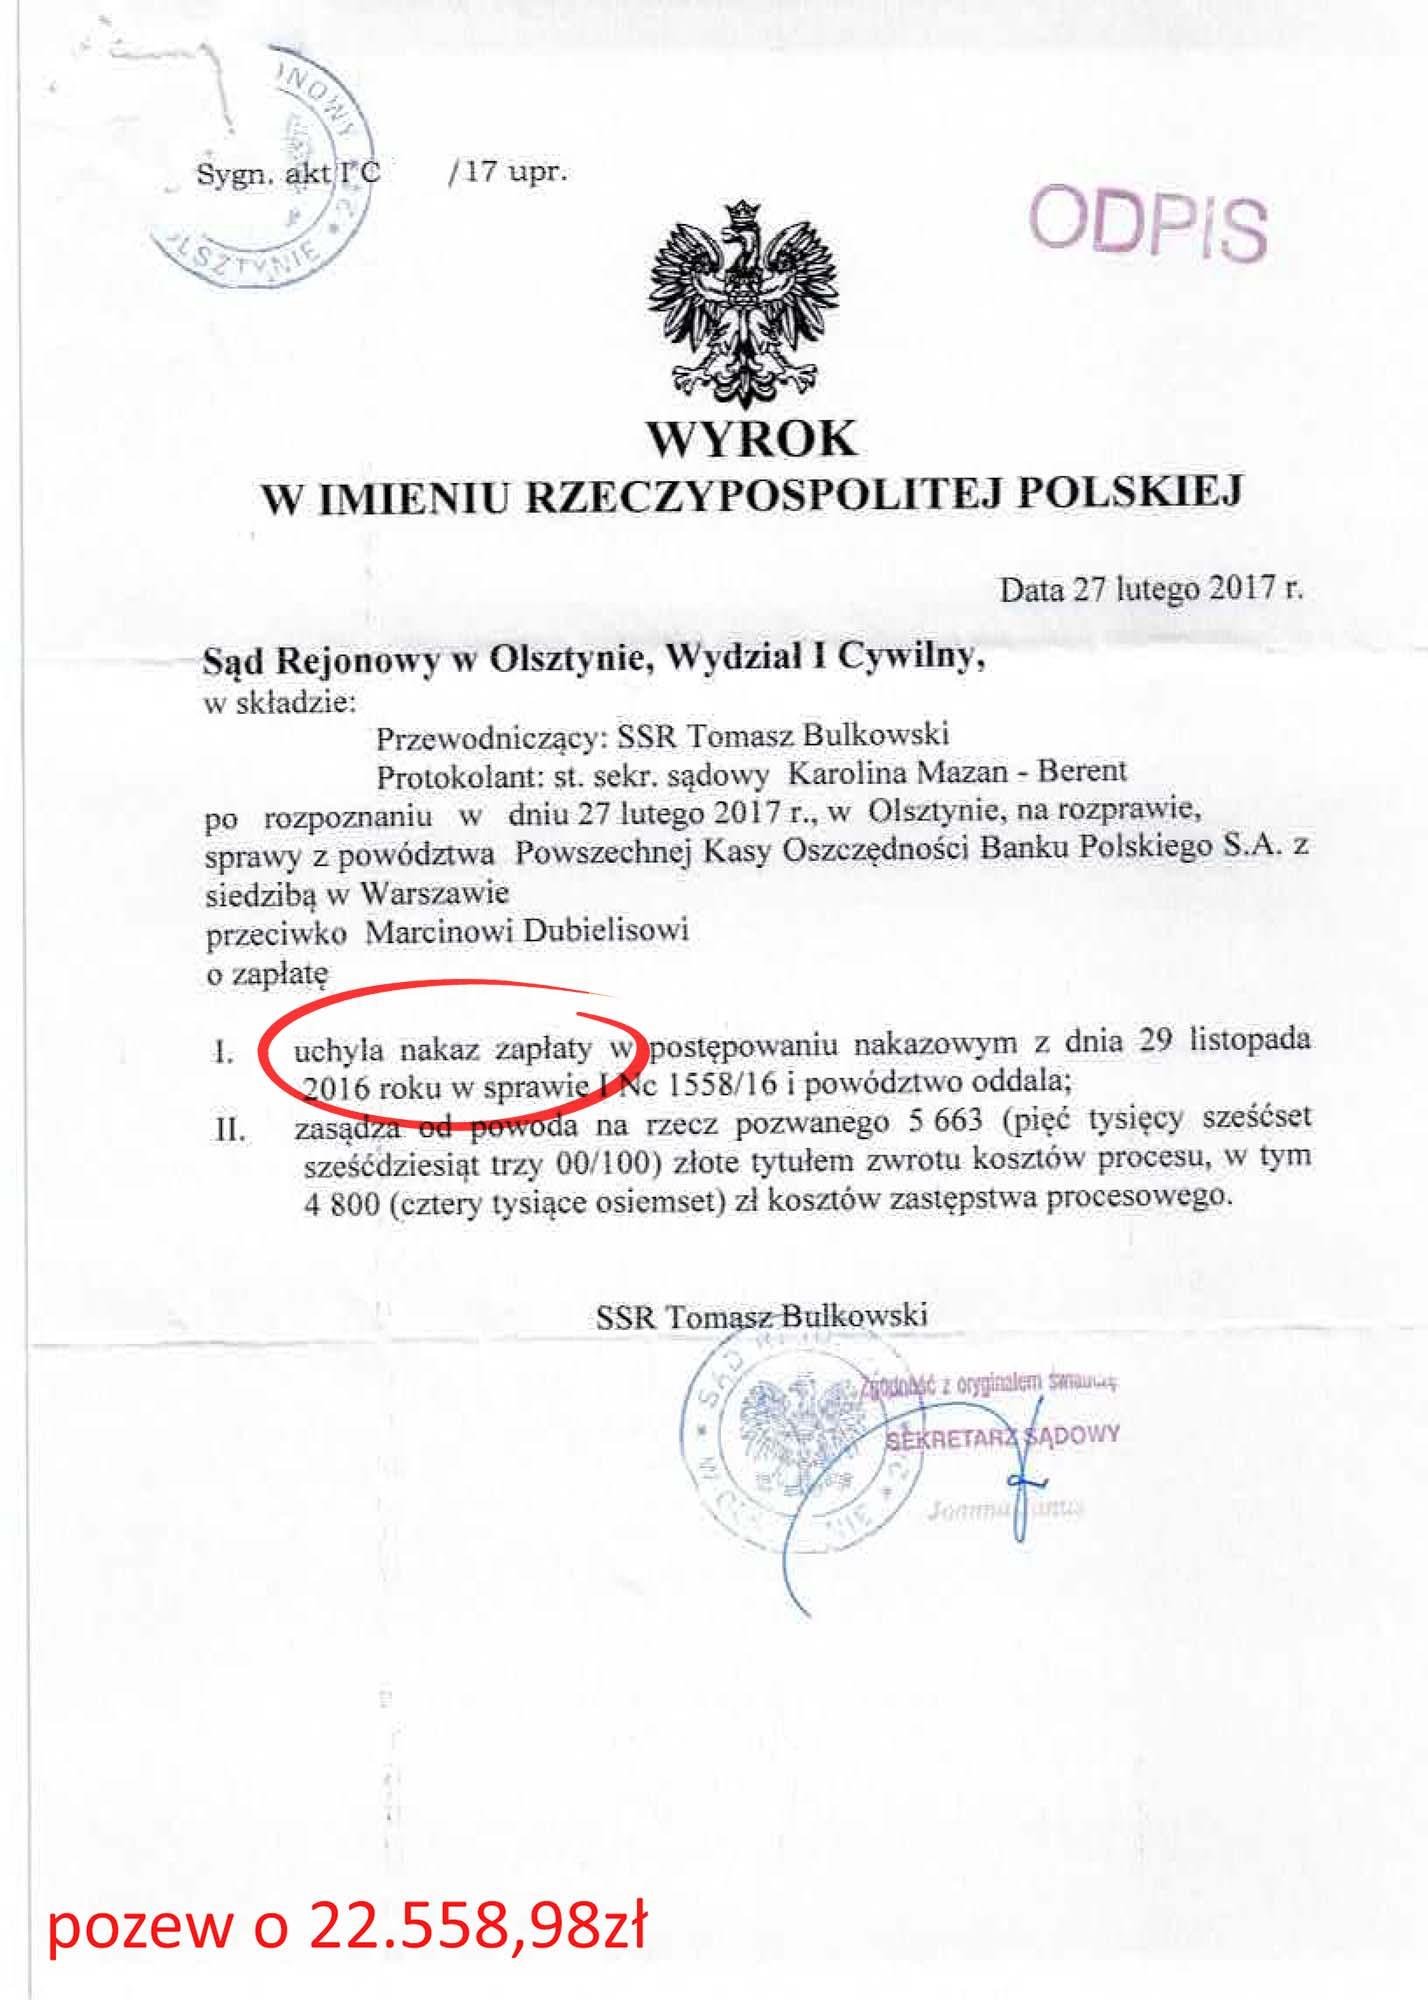 Wyrok – Marcin Dubielis